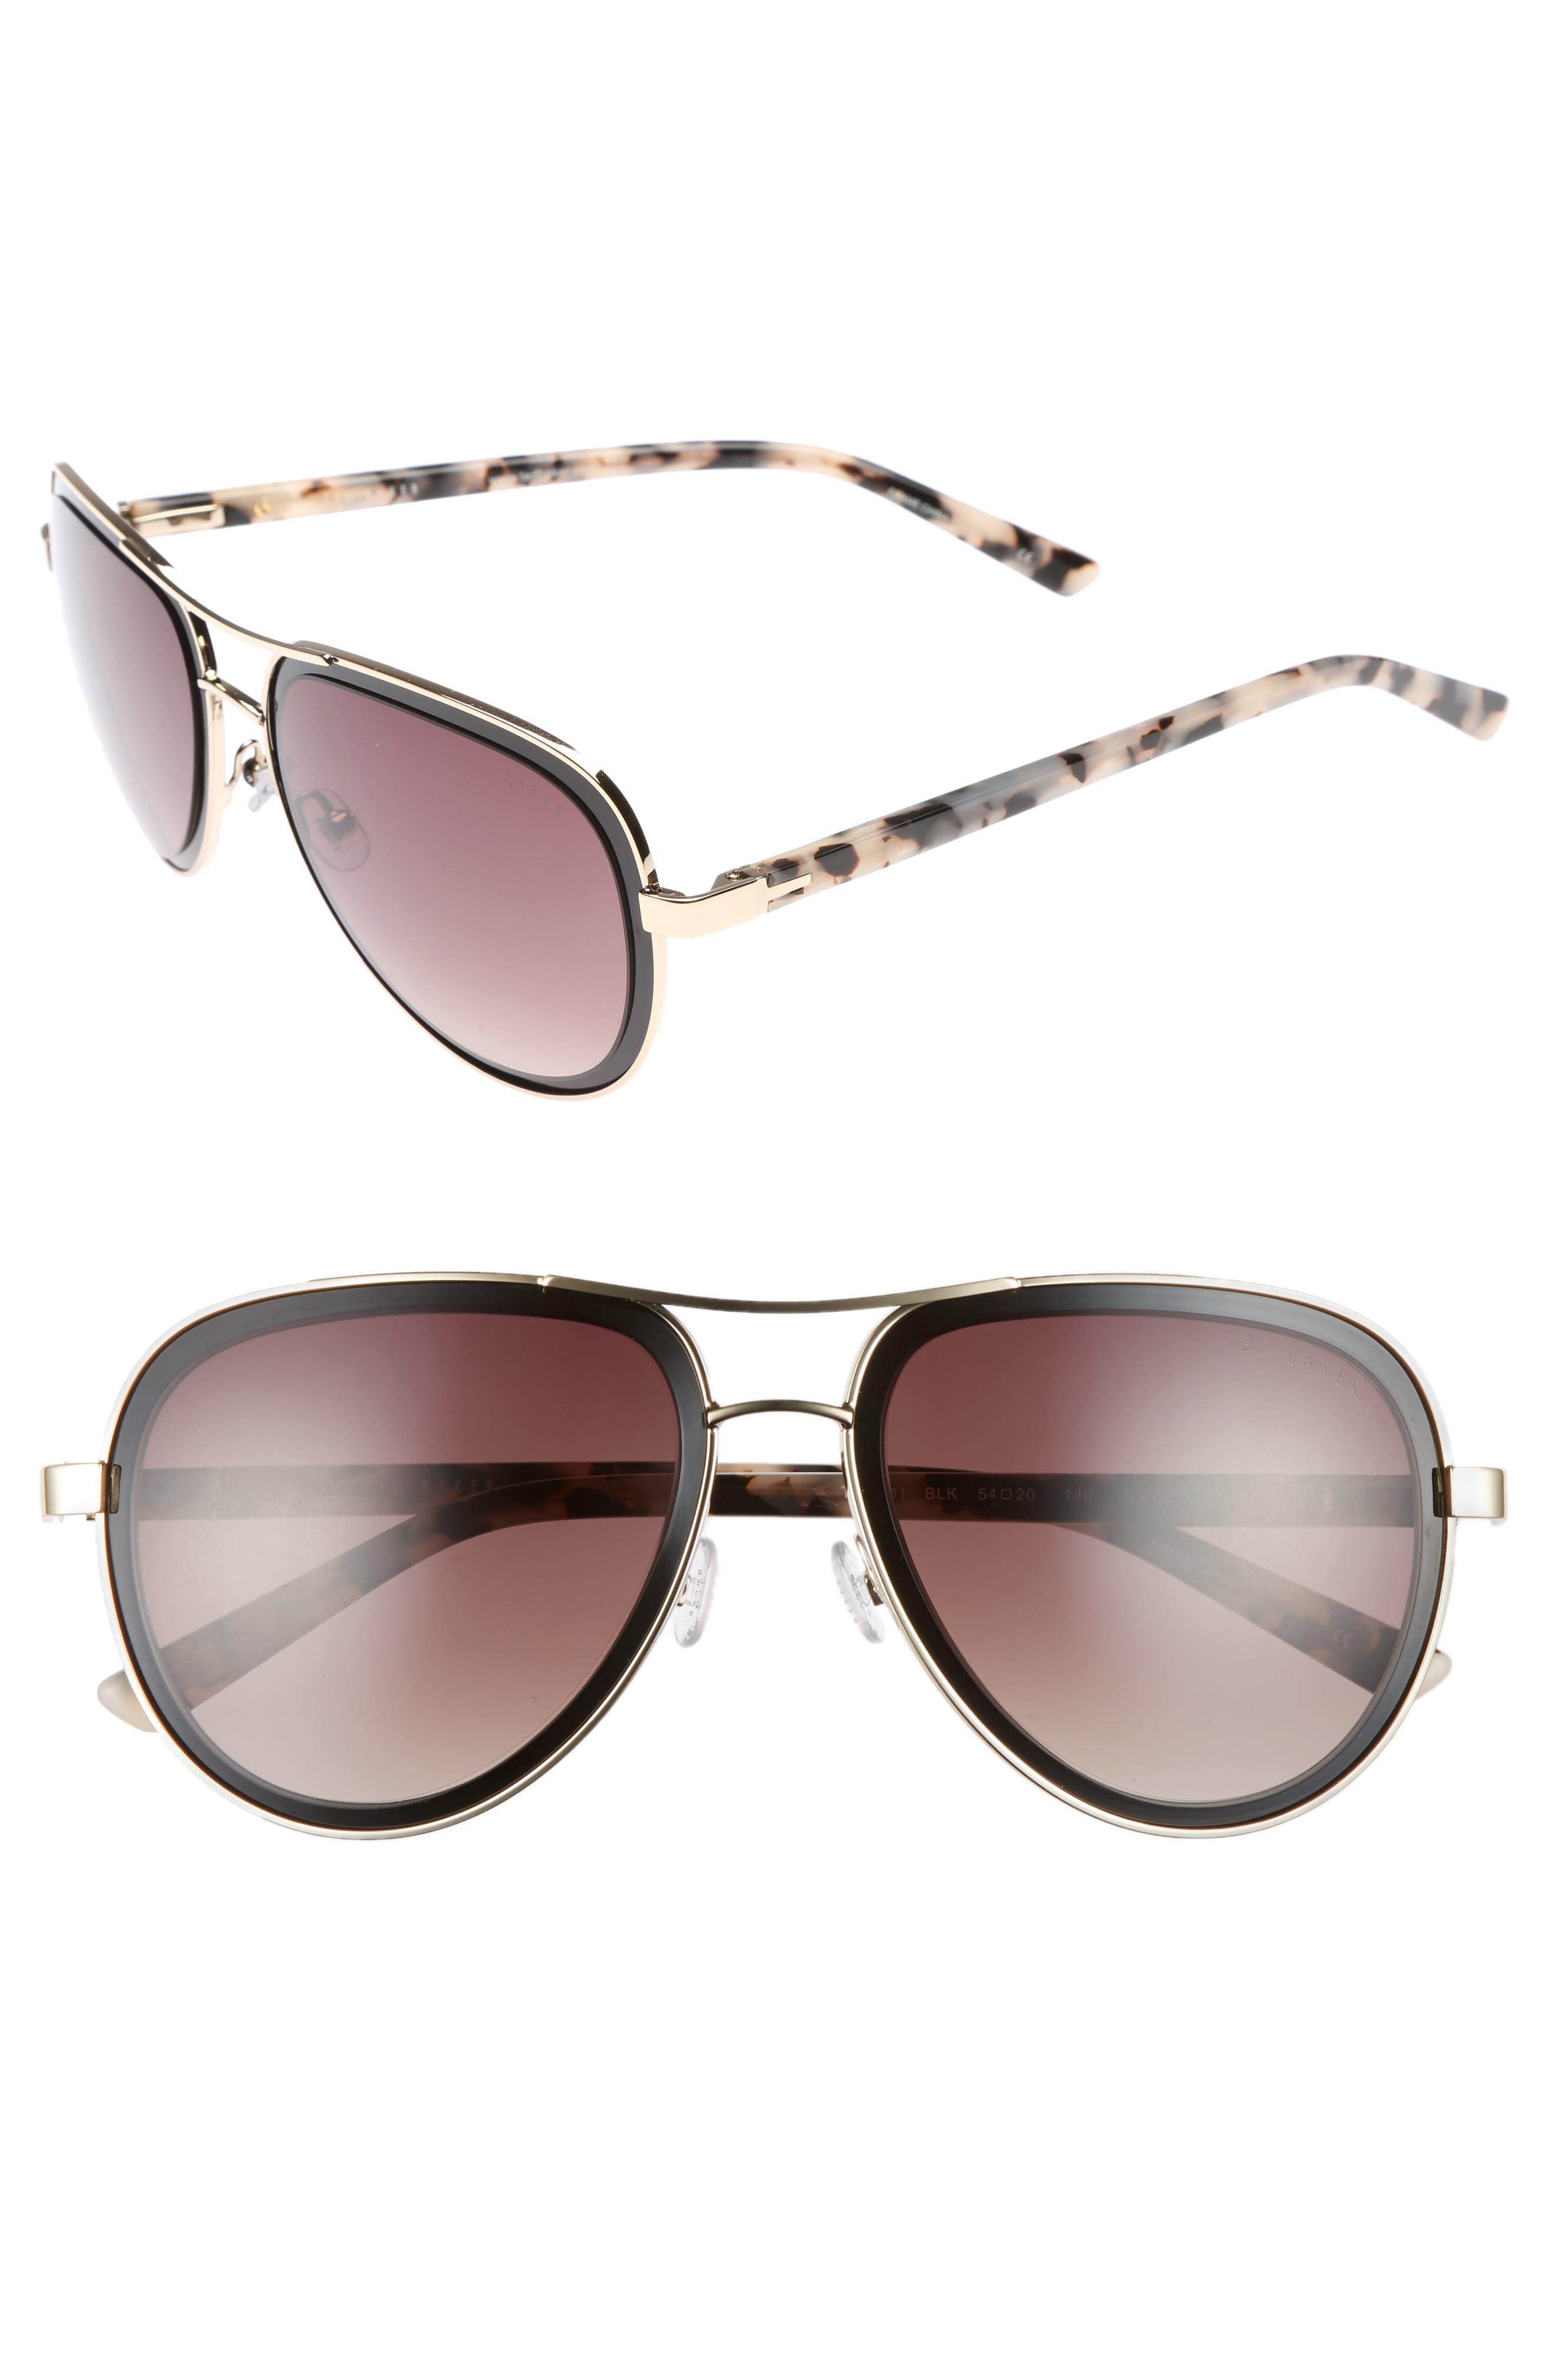 Alternate Image 1 Selected - Ted Baker London 54mm Aviator Sunglasses